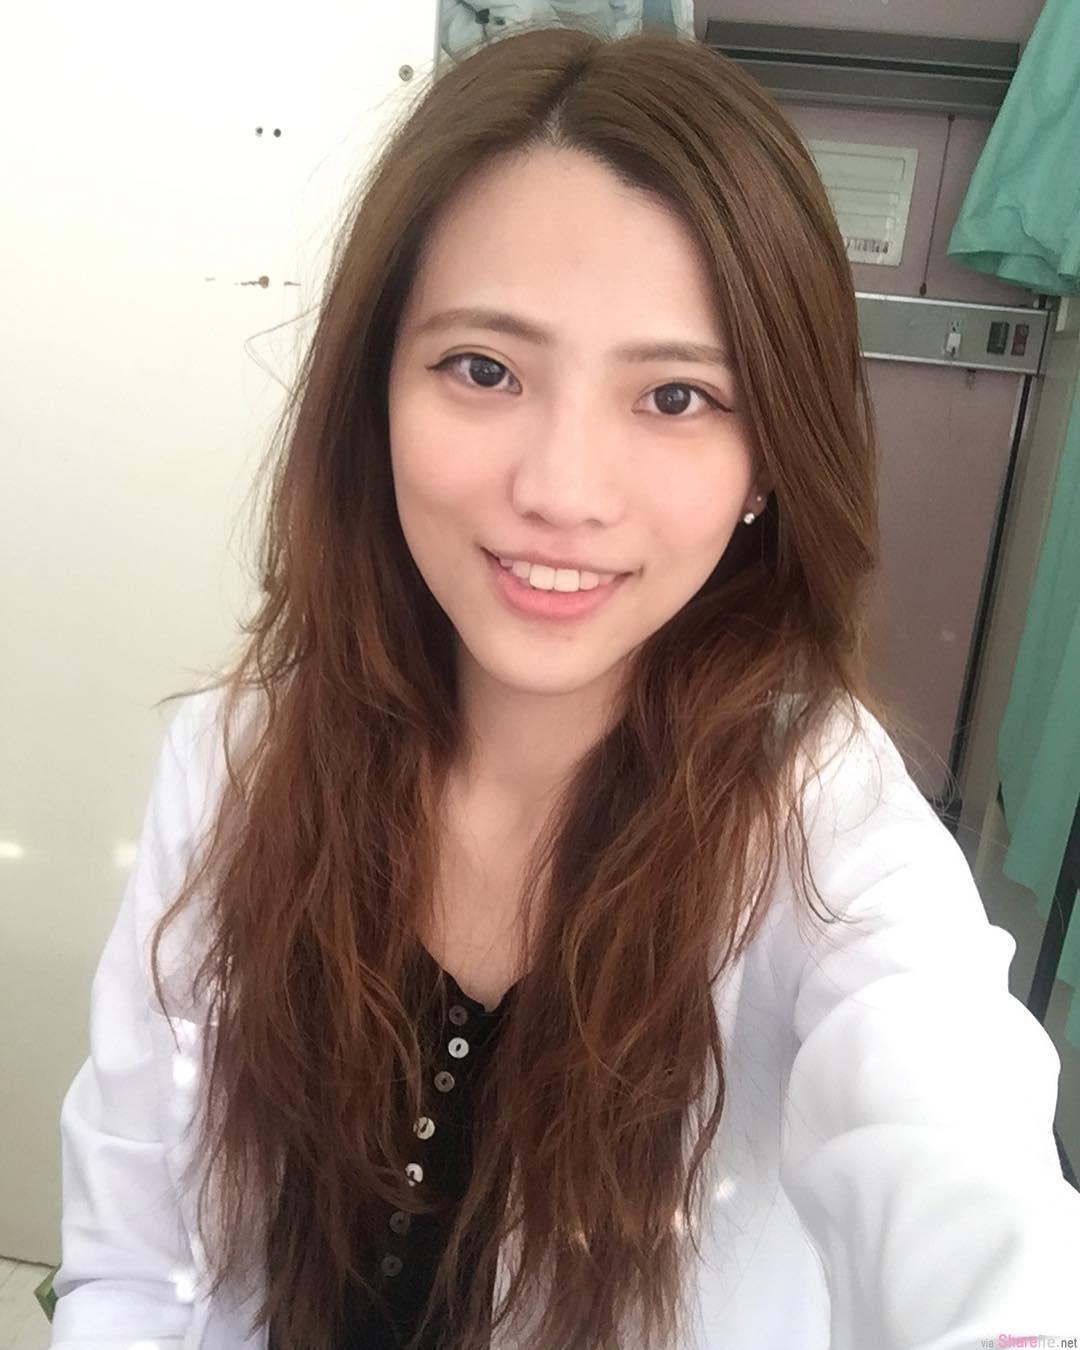 准牙医师柯品瑄也是健身咖,紧緻翘臀S曲线,网友:太完美的身型